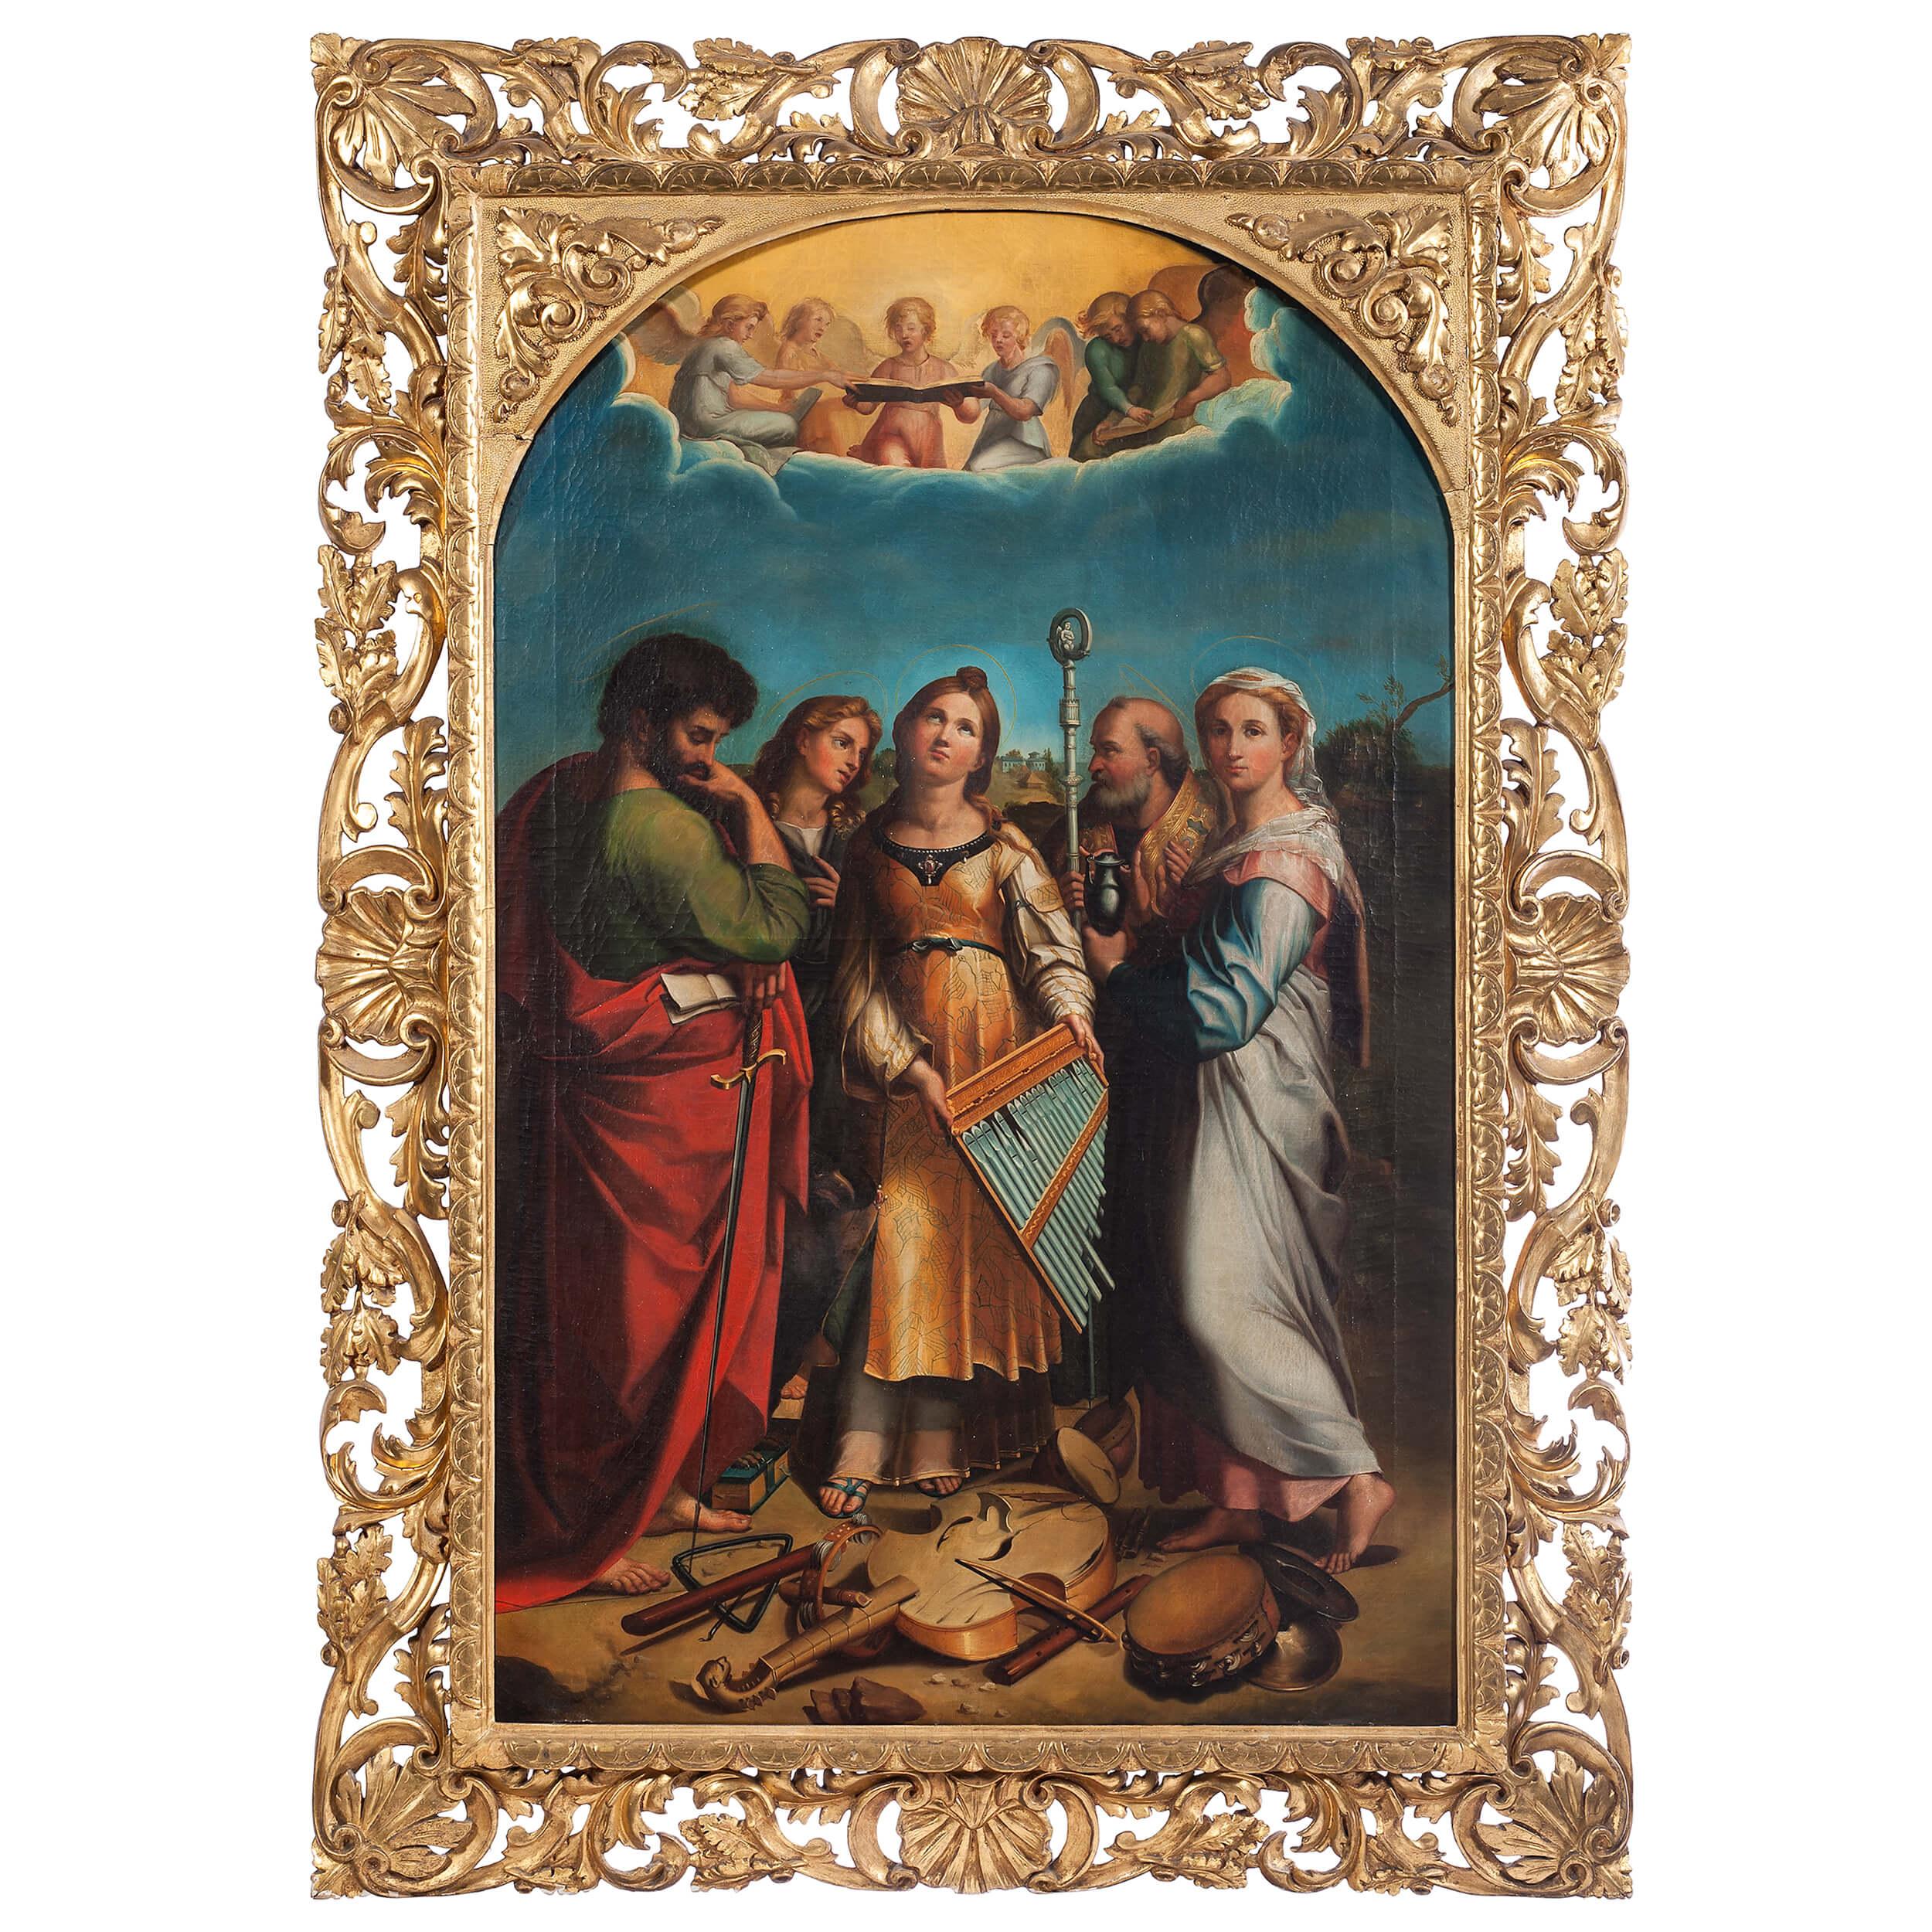 'L'estasi di Santa Cecilia', Rafaello Sanzio (1514 circa)